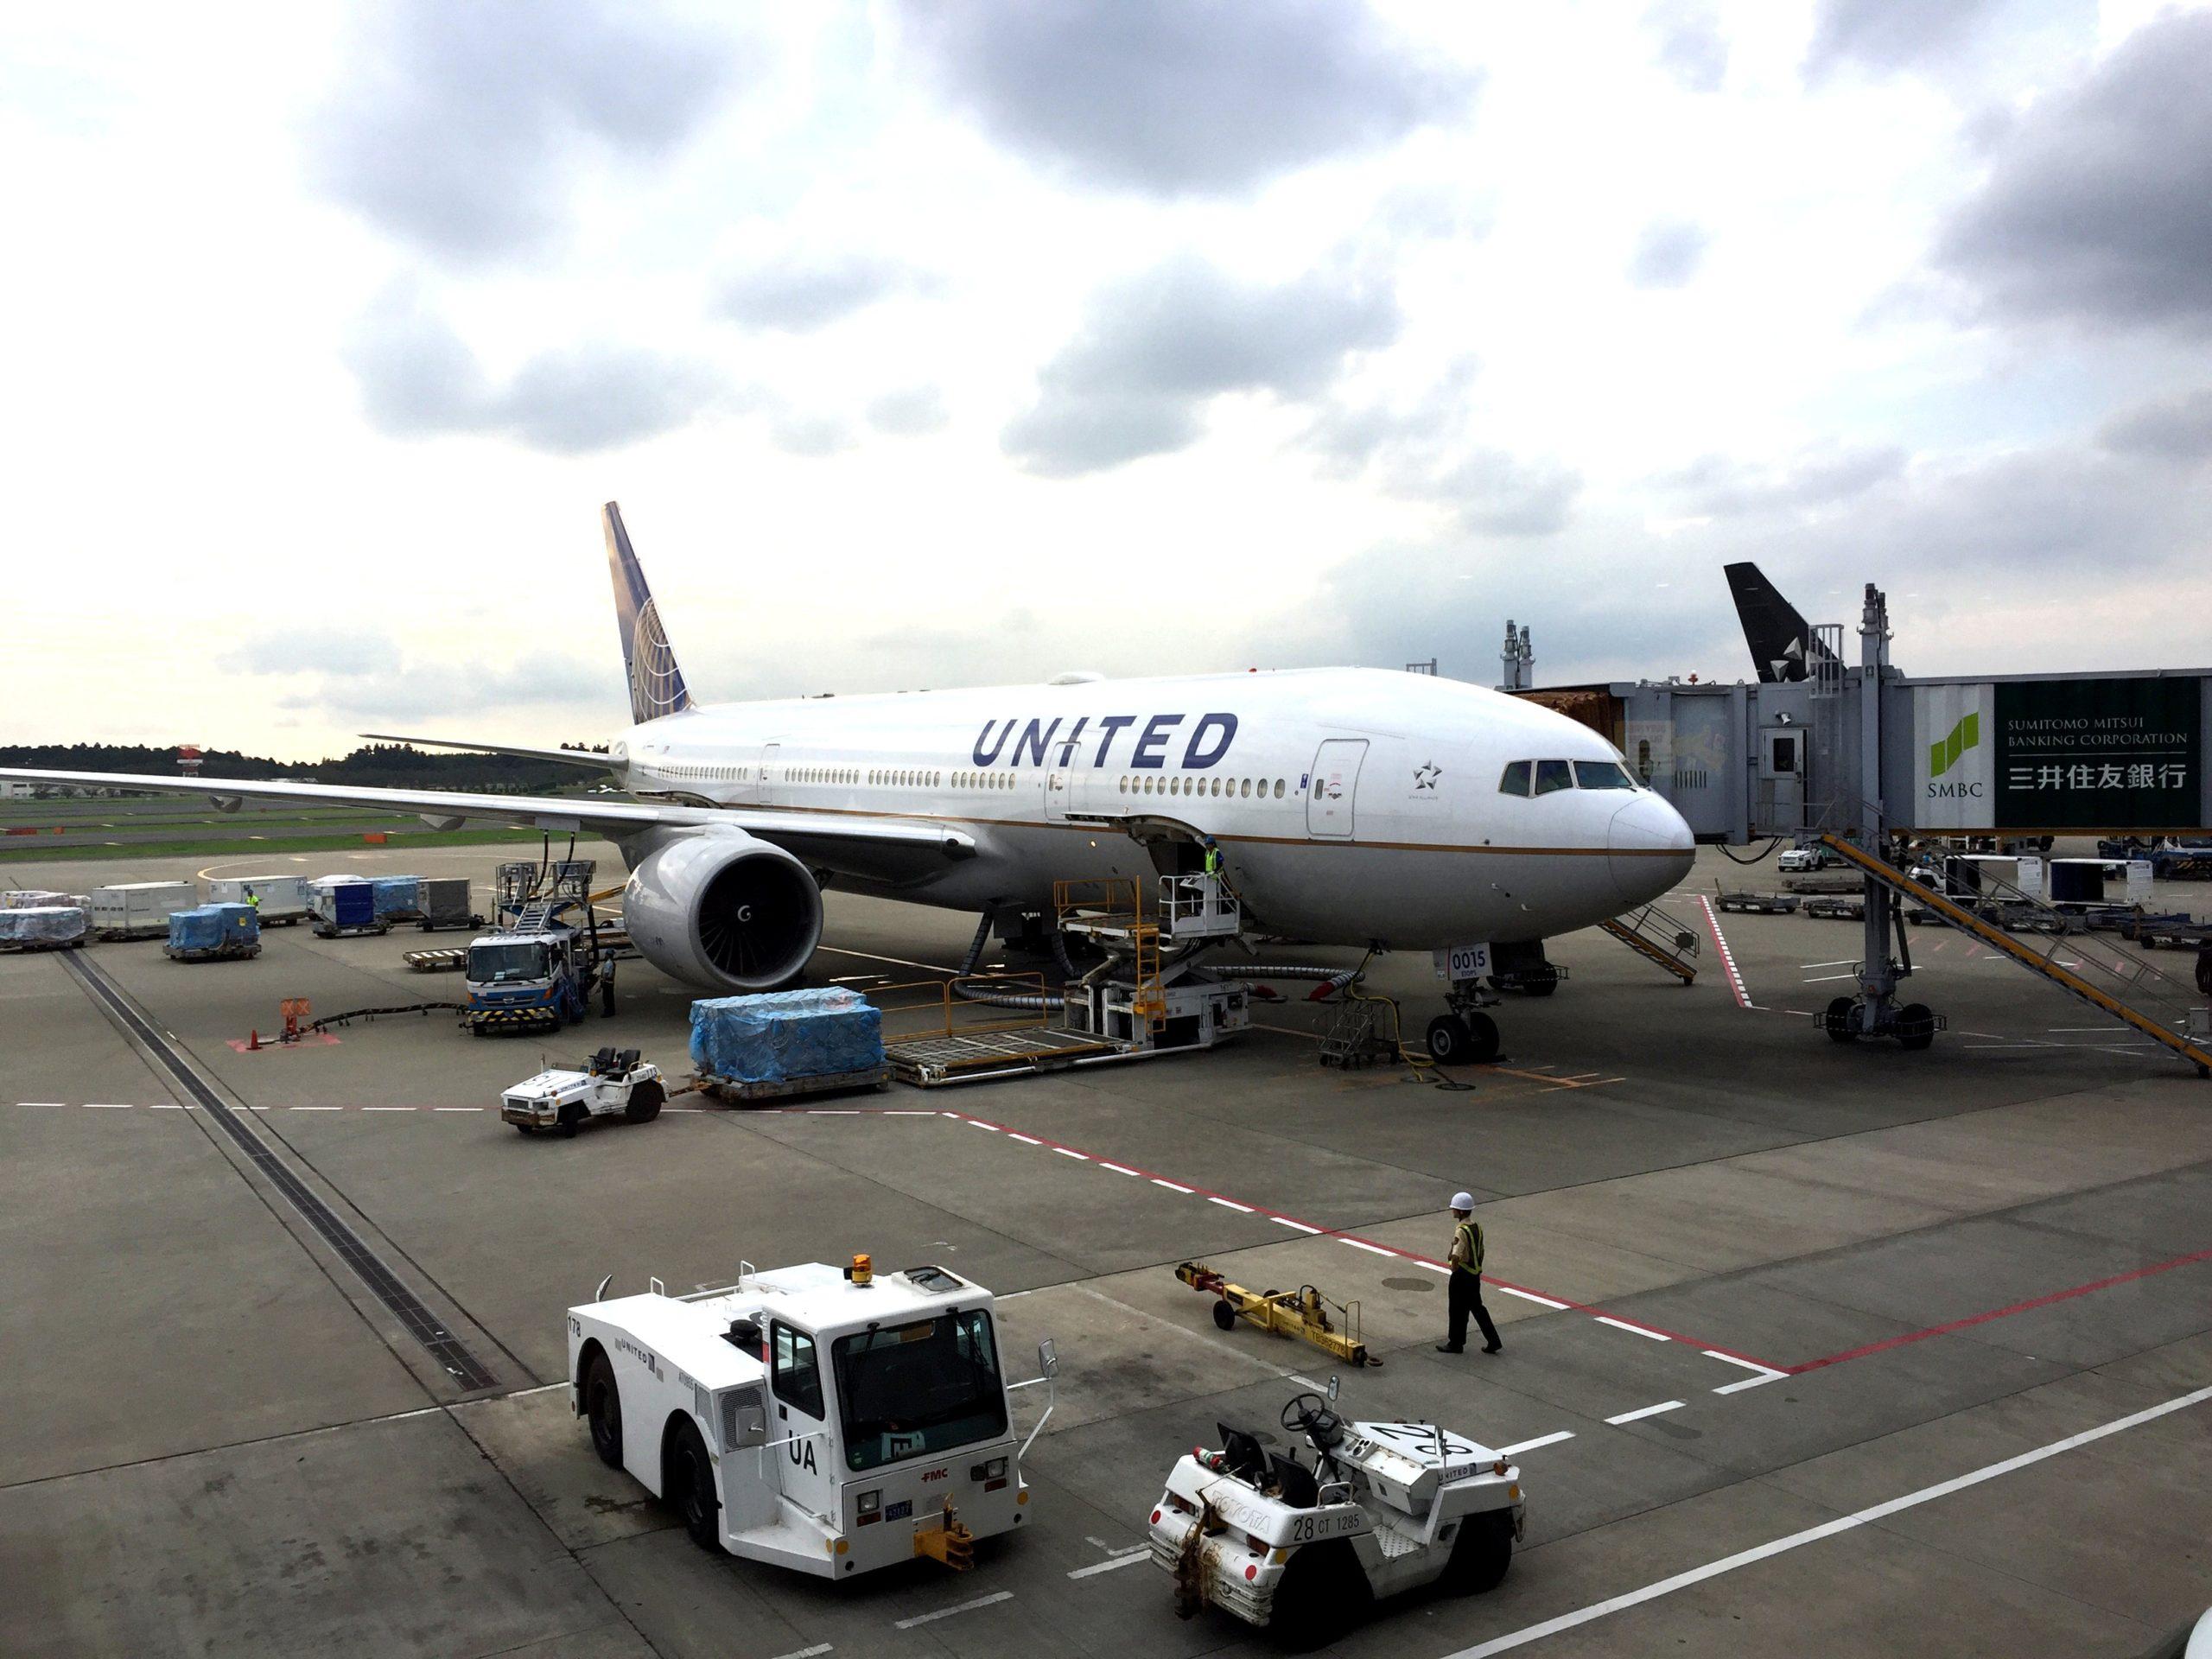 ヒューストン空港乗り継ぎ